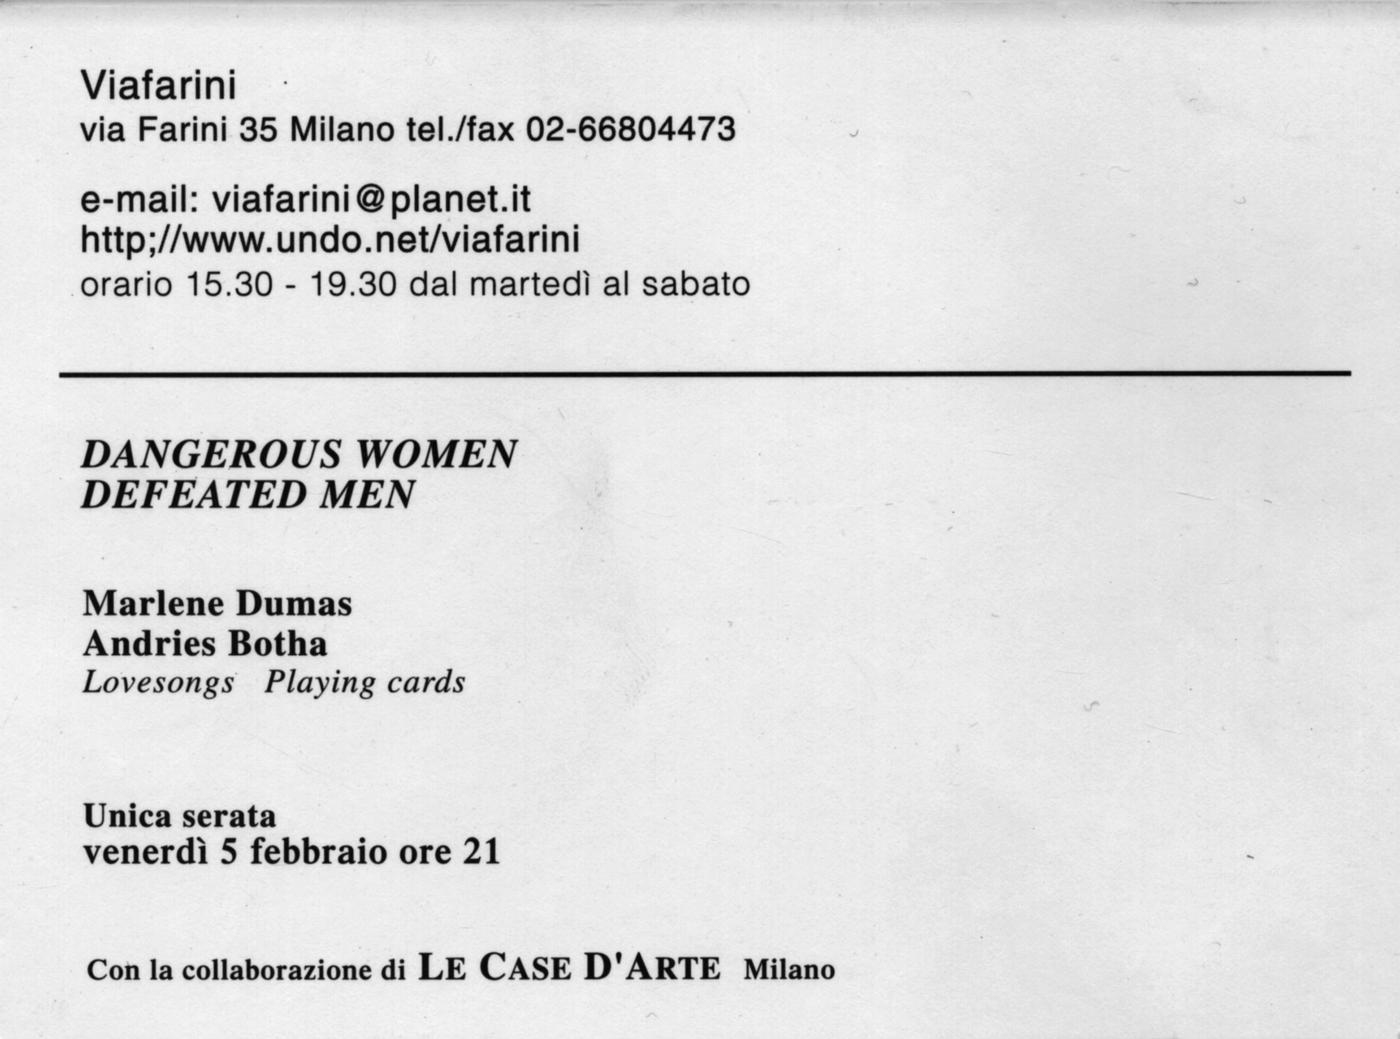 Promozione Progetti,  In foto: Marlene Dumas, Andries Botha, presentazione dell'edizioneLovesongs & Playing cards, 1999